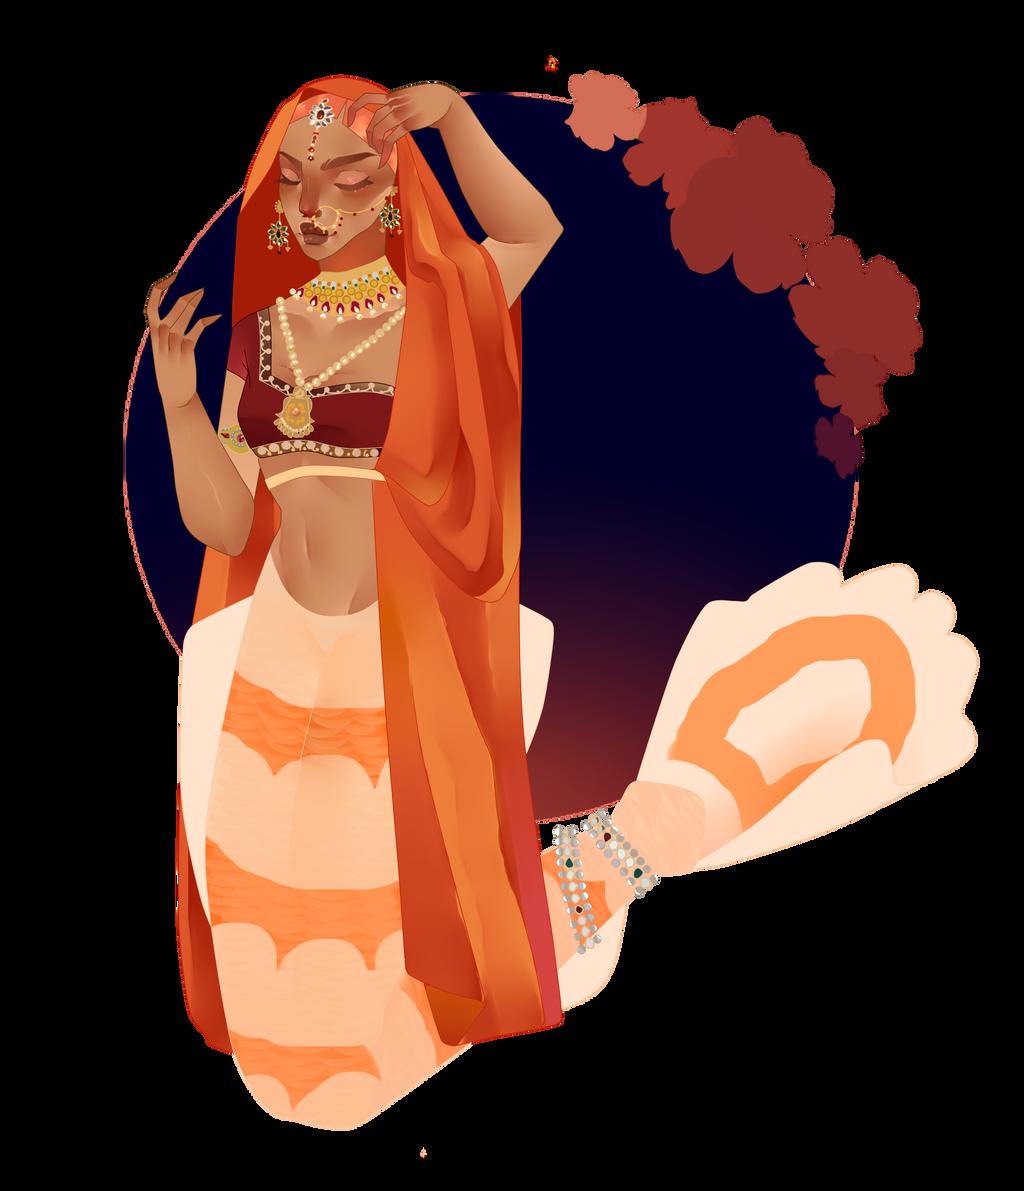 Orange Princess of the Indian Ocean by pinkiecitrine